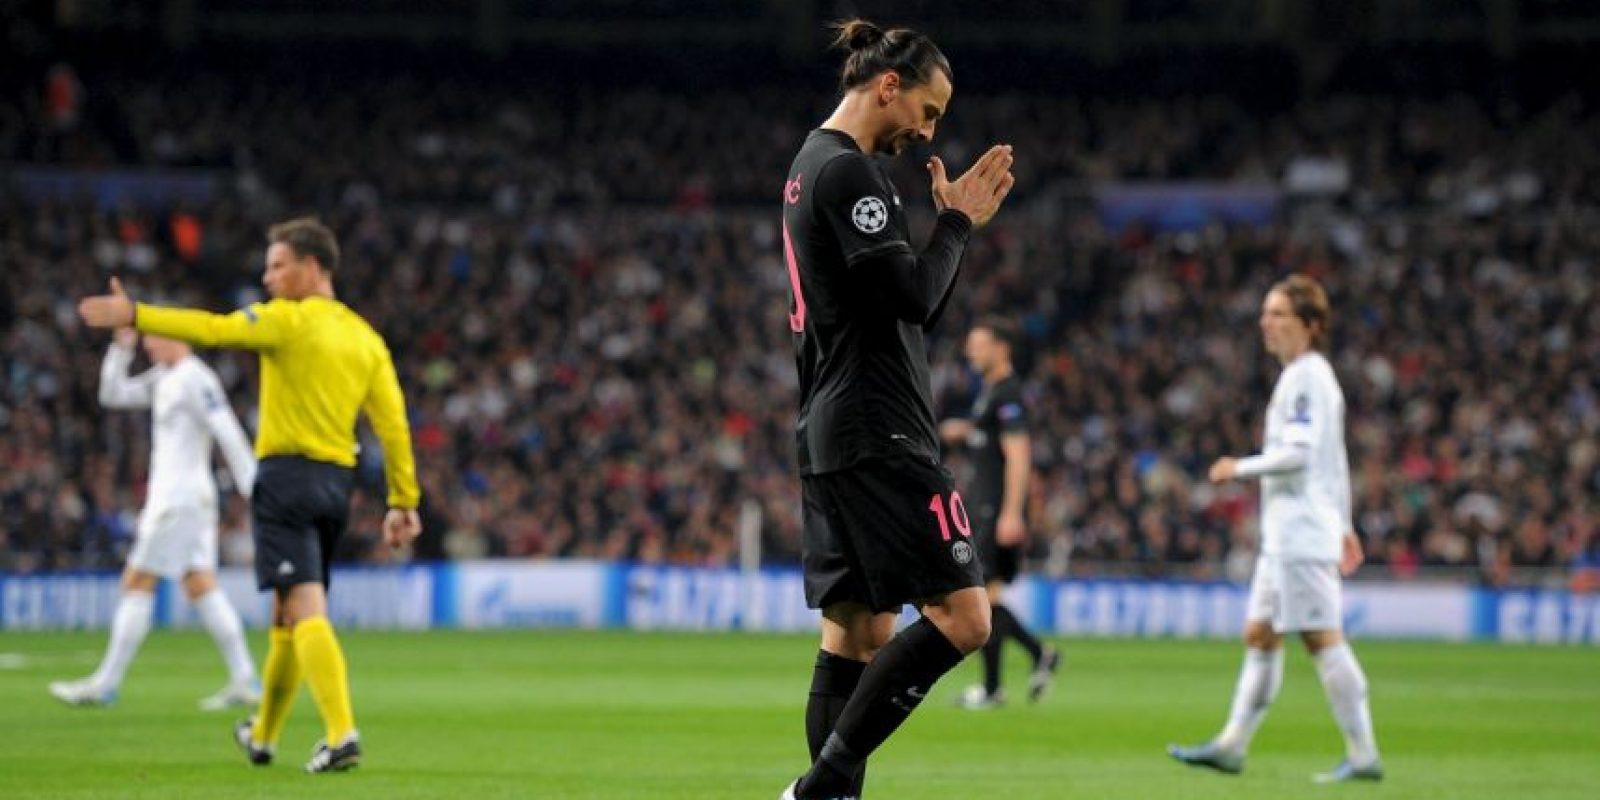 Zlatan Ibrahimovic es la máxima figura del PSG y de la Liga de Francia Foto:Getty Images